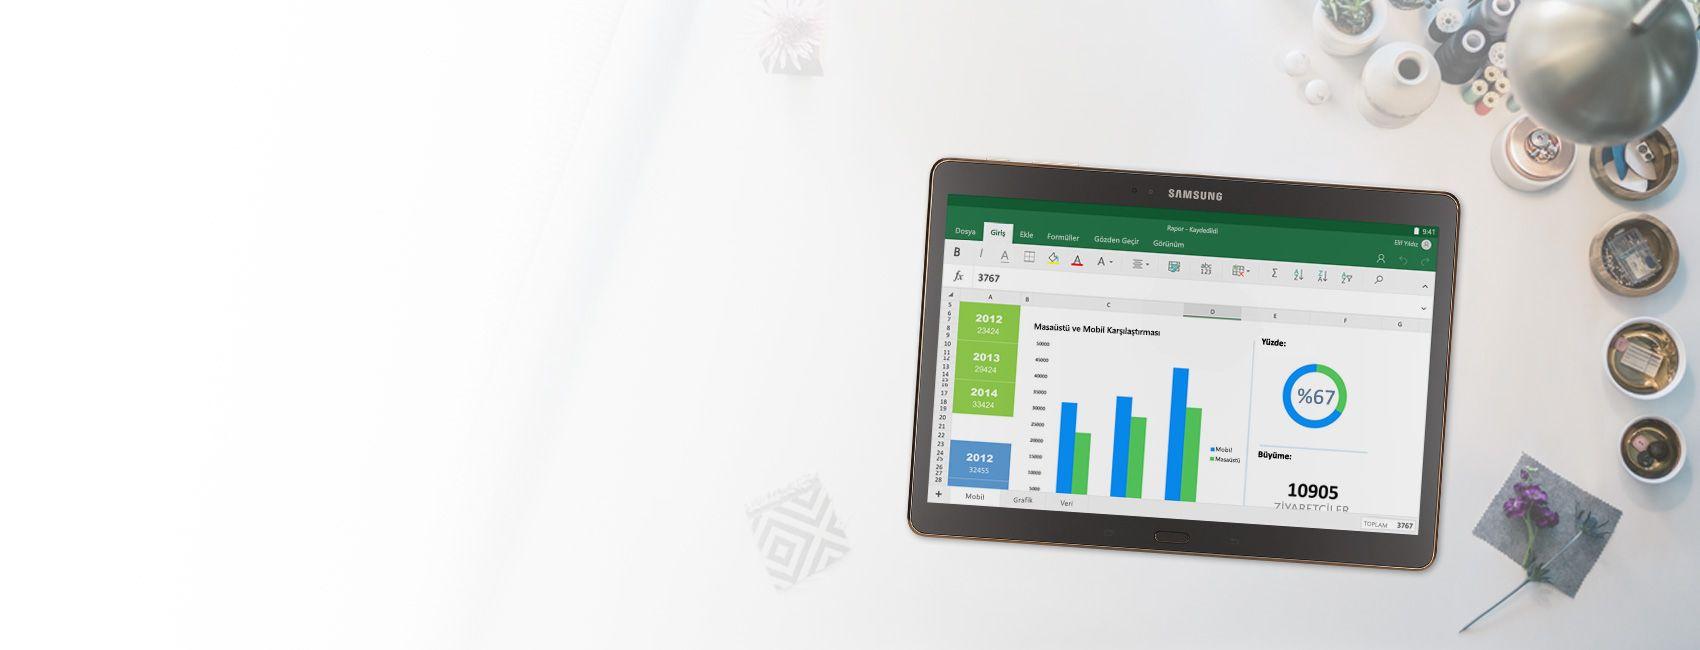 Bir Excel raporunda grafiklerin görüntülendiği tablet